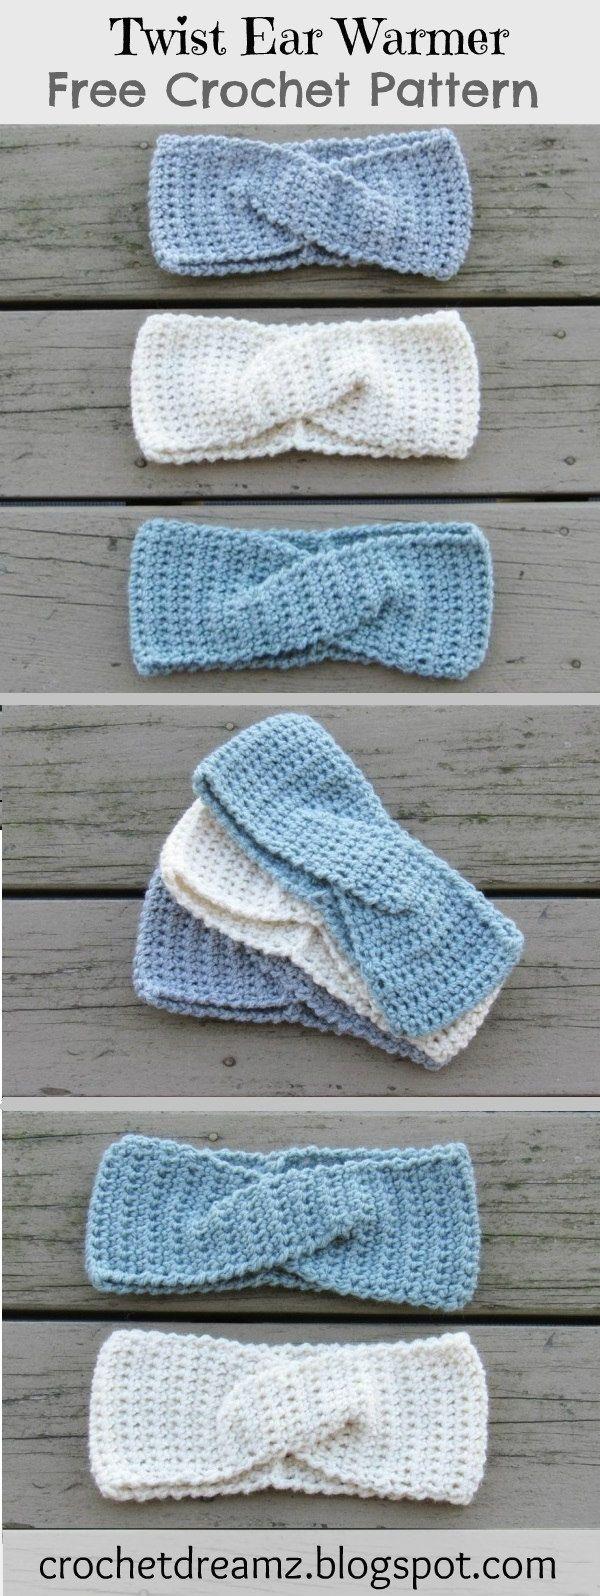 How to Crochet a Quick Twist Headband or Ear warmer, A Free Crochet Pattern